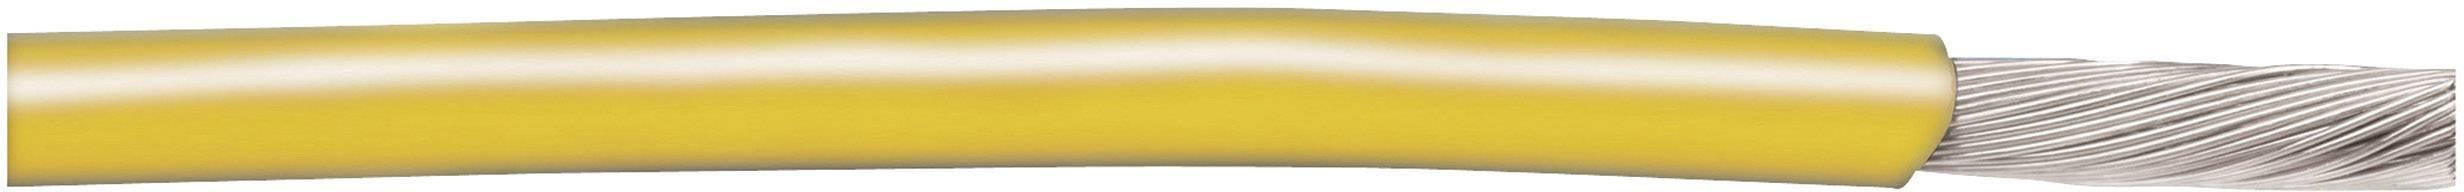 Opletenie / lanko AlphaWire 3073 GY001 1 x 0.50 mm², vonkajší Ø 2.56 mm, metrový tovar, zelená